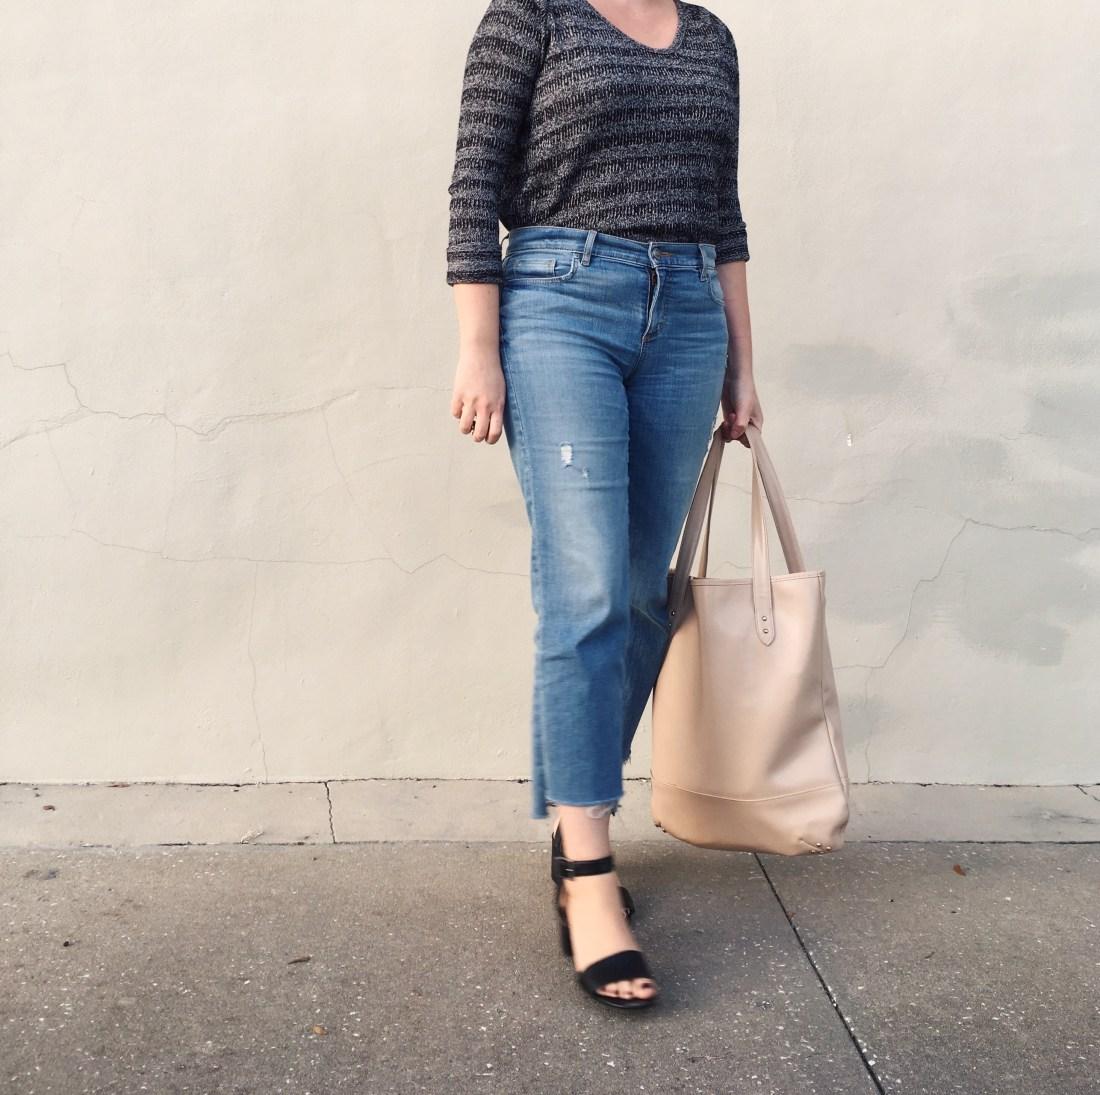 DIY step hem jeans